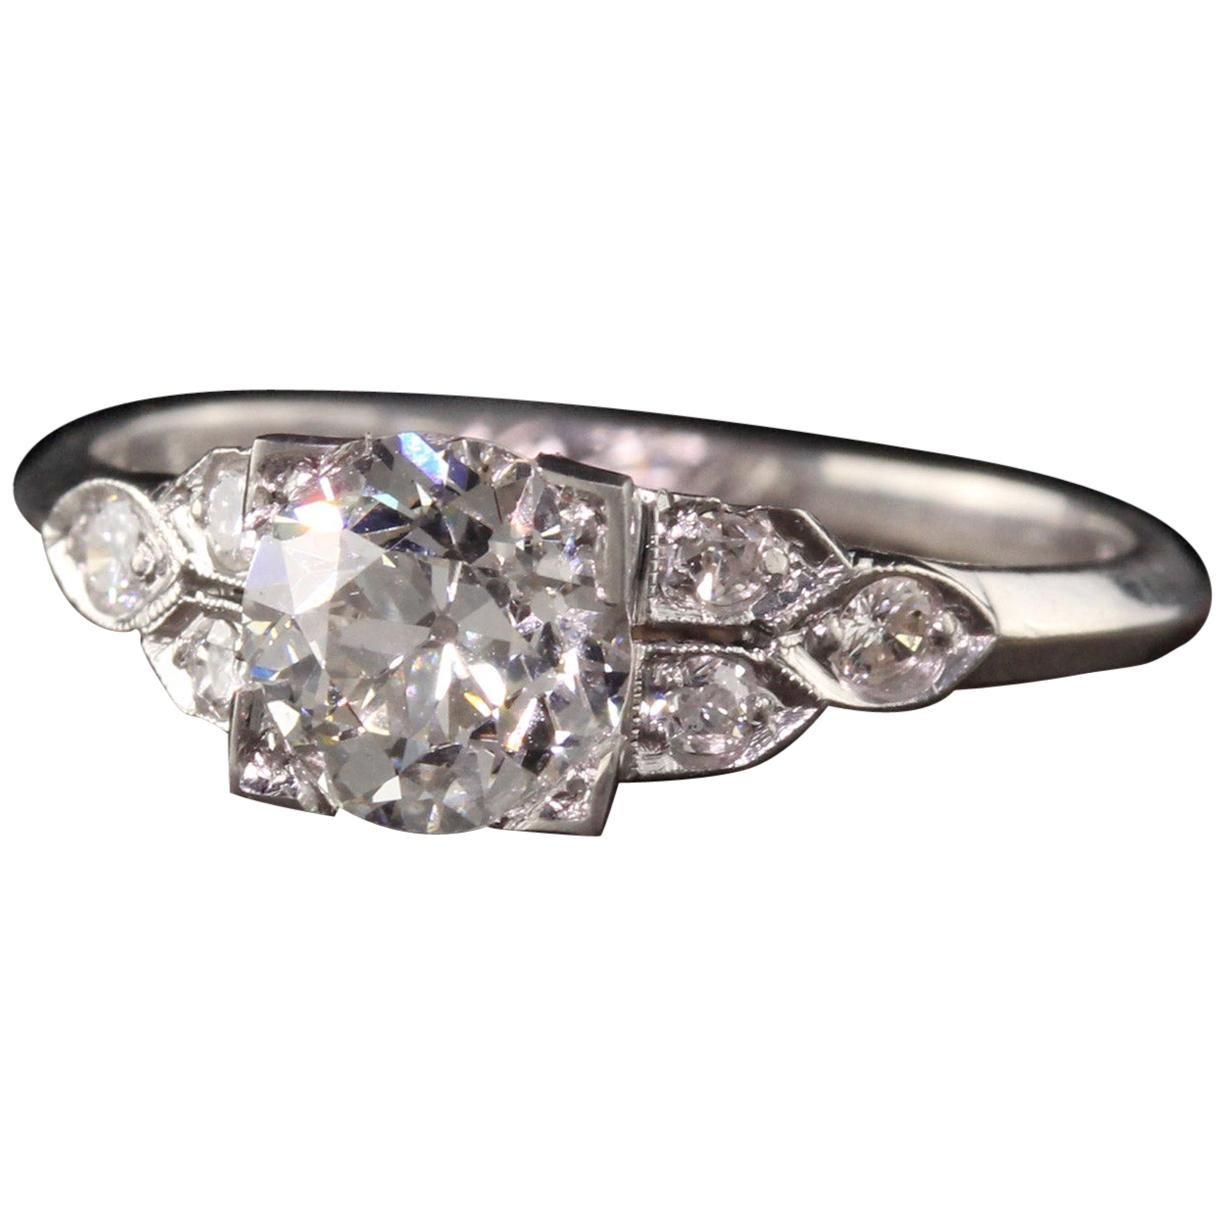 Antique Art Deco Platinum Old European Diamond Engagement Ring, GIA